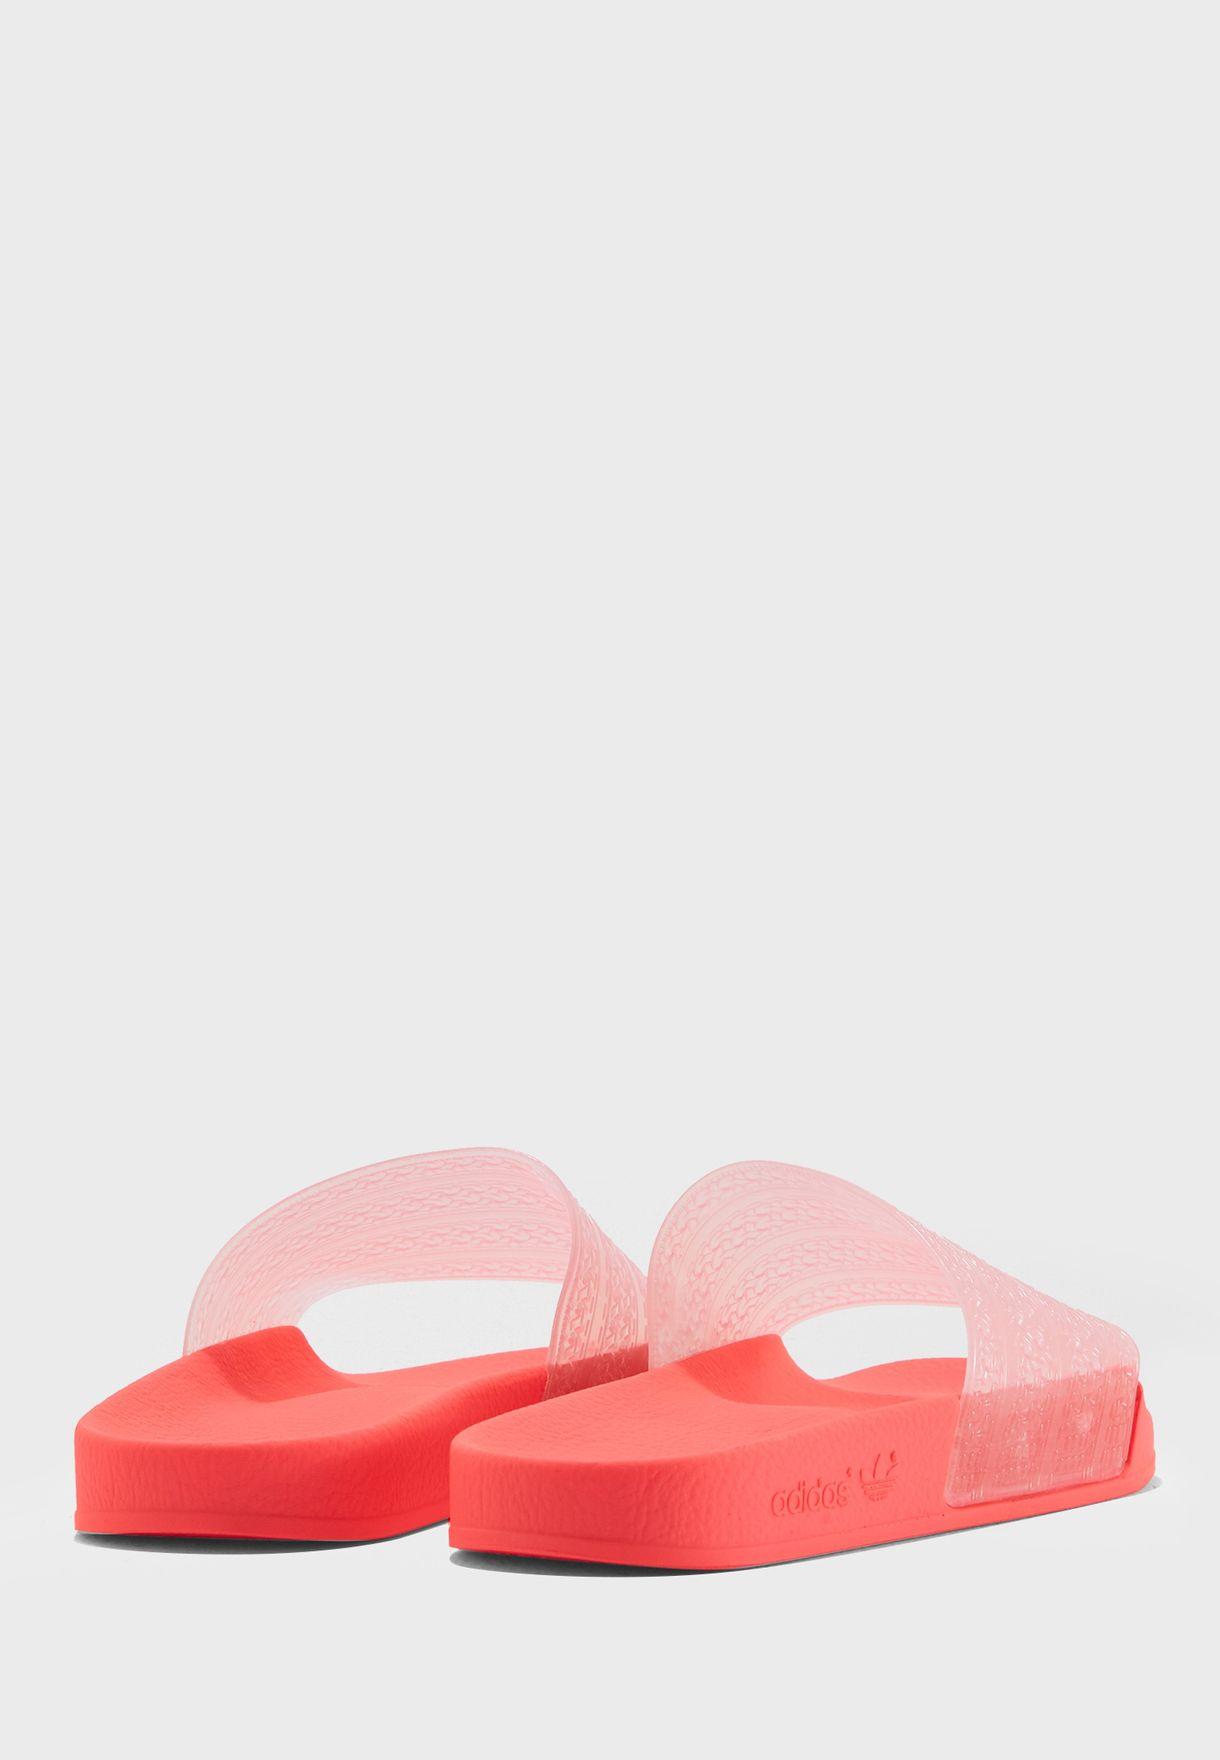 c8c4cb94445 Shop adidas Originals pink Adilette Lilo CQ2907 for Women in UAE ...